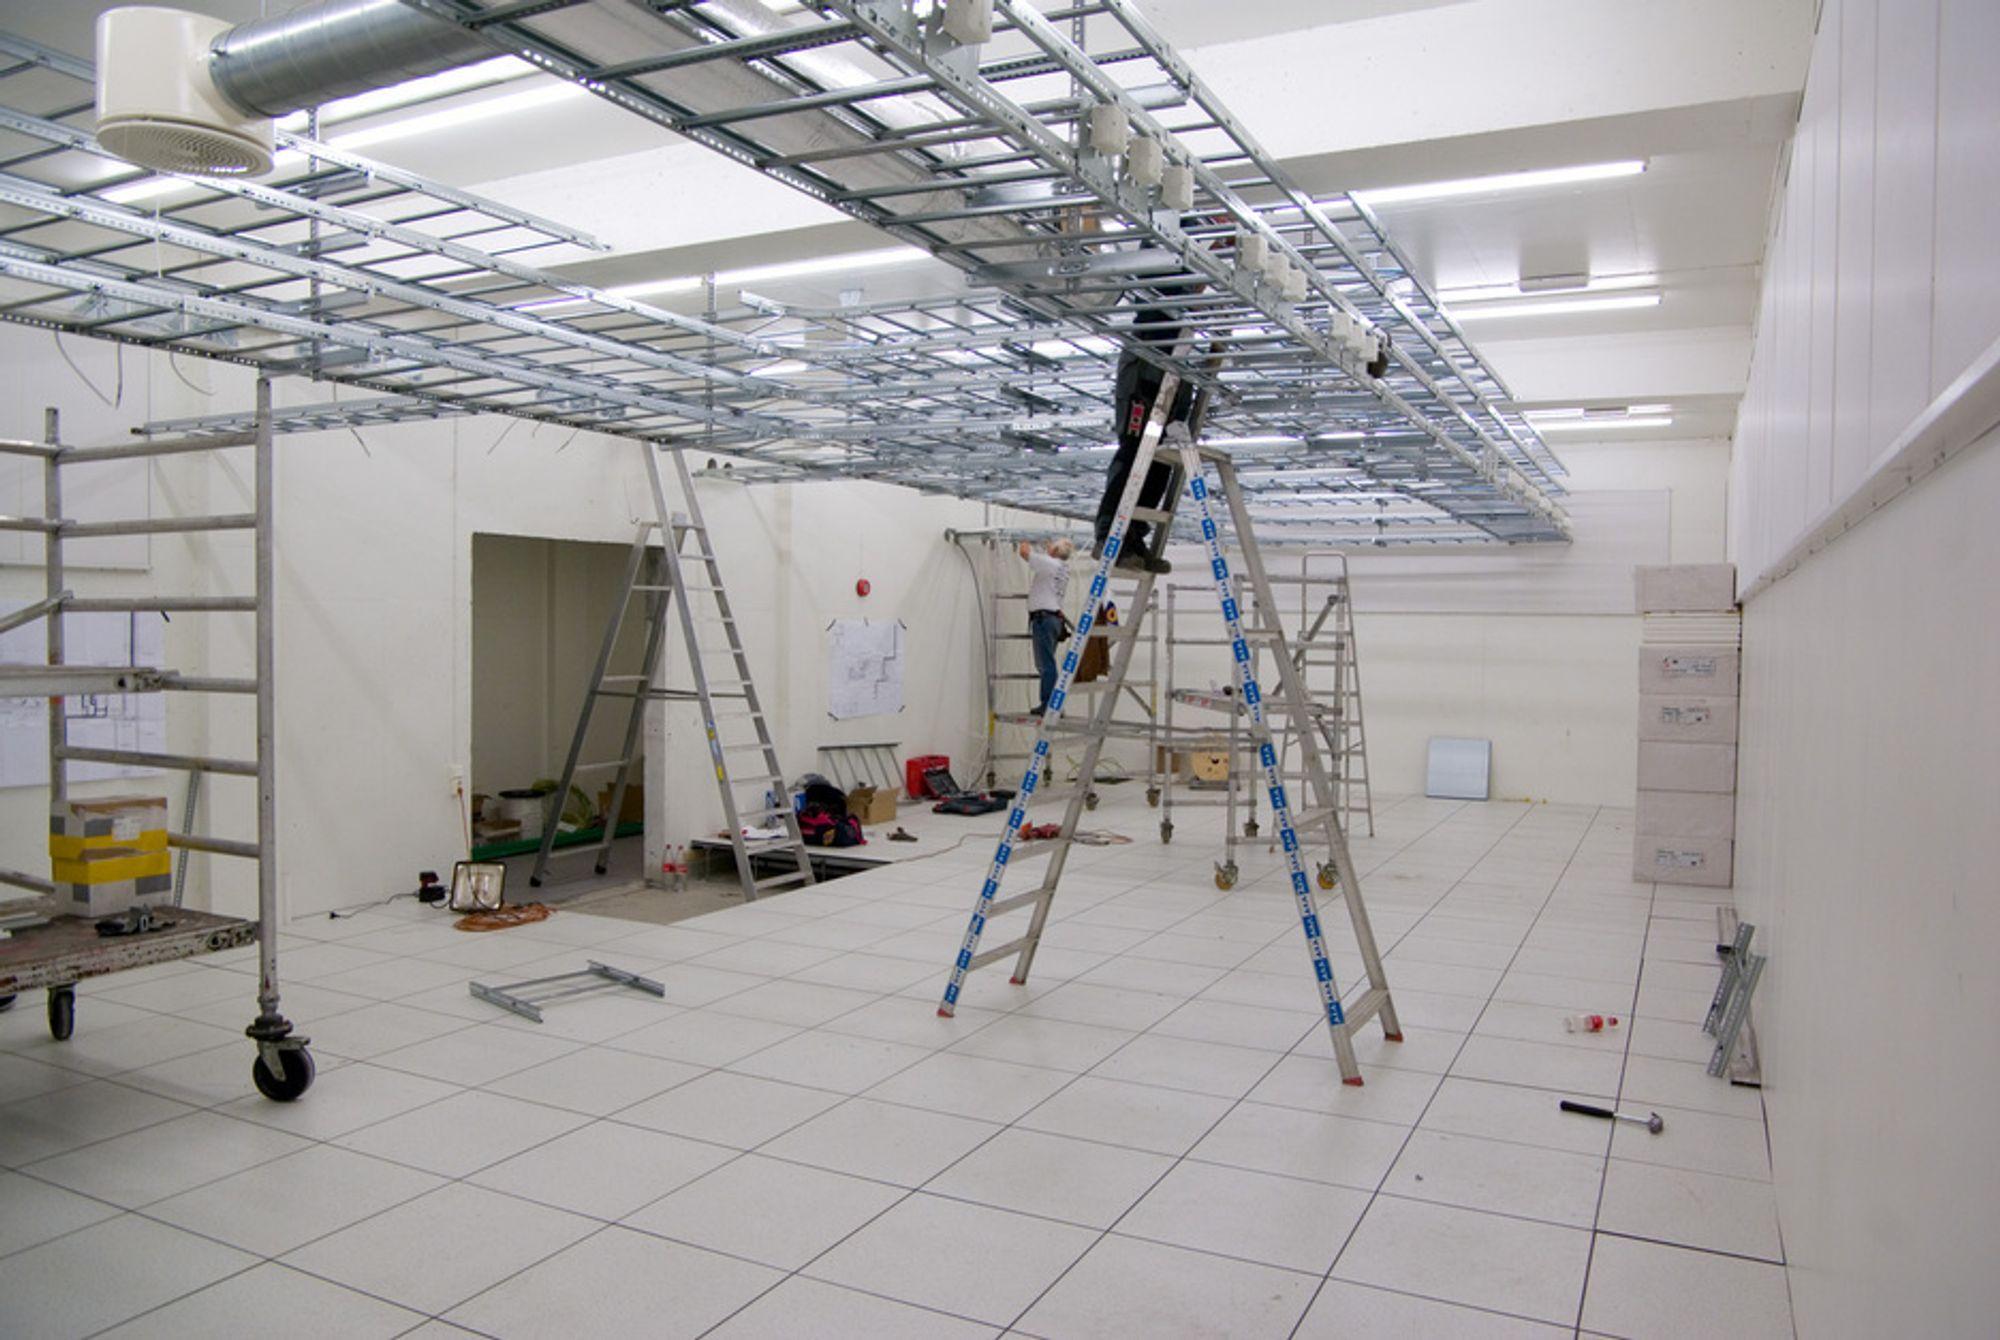 KLAR FOR SUPERMASKIN: Universitetet i Tromsø har forberedt seg godt til den nye superdatamaskinen. Rommet er snart klart til å ta i mot de til sammen 11 fullpakkede skapene med regnenoder og fire skapene med lagningsenheter